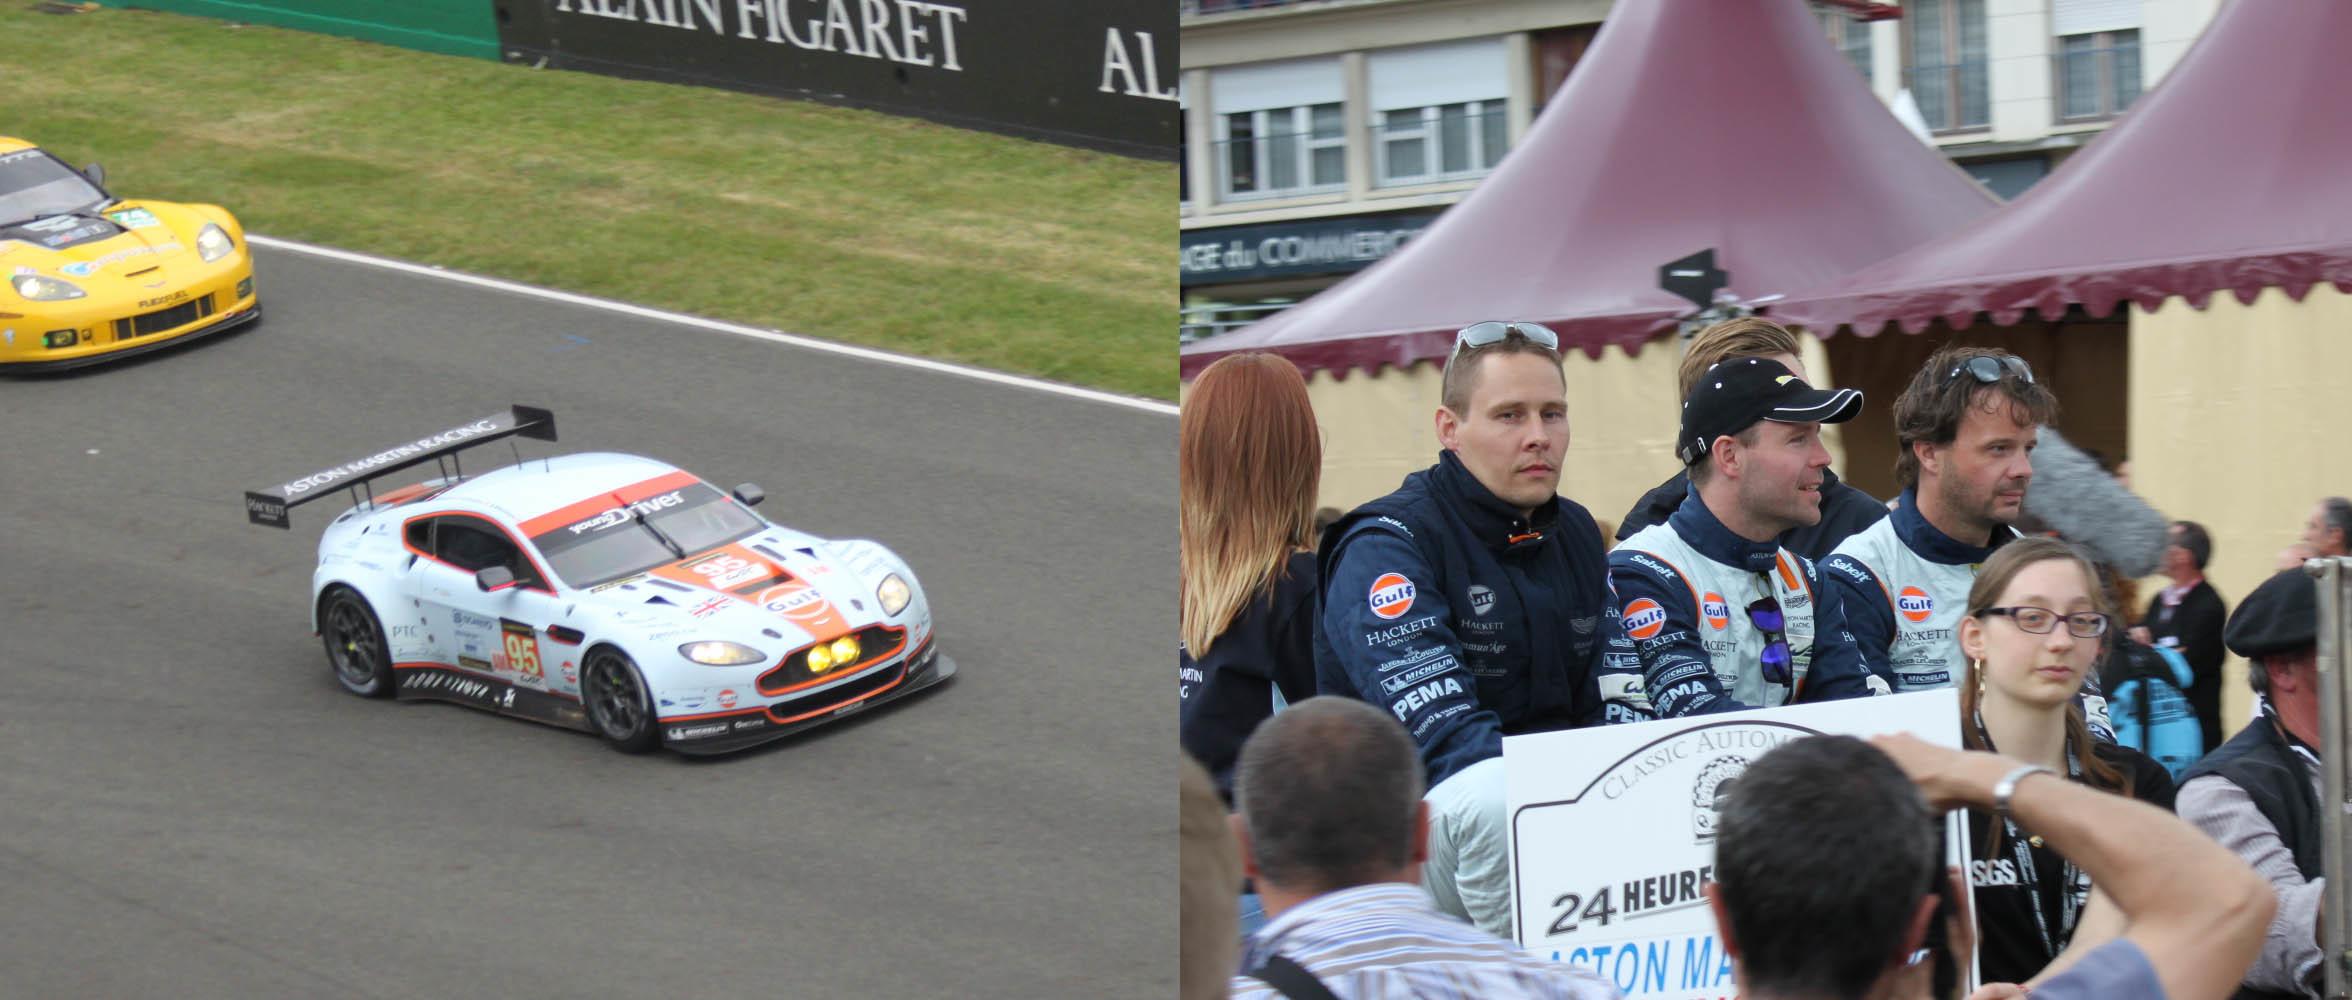 Foto de 24 horas de Le Mans 2013: 24 horas, 24 fotos (33/48)